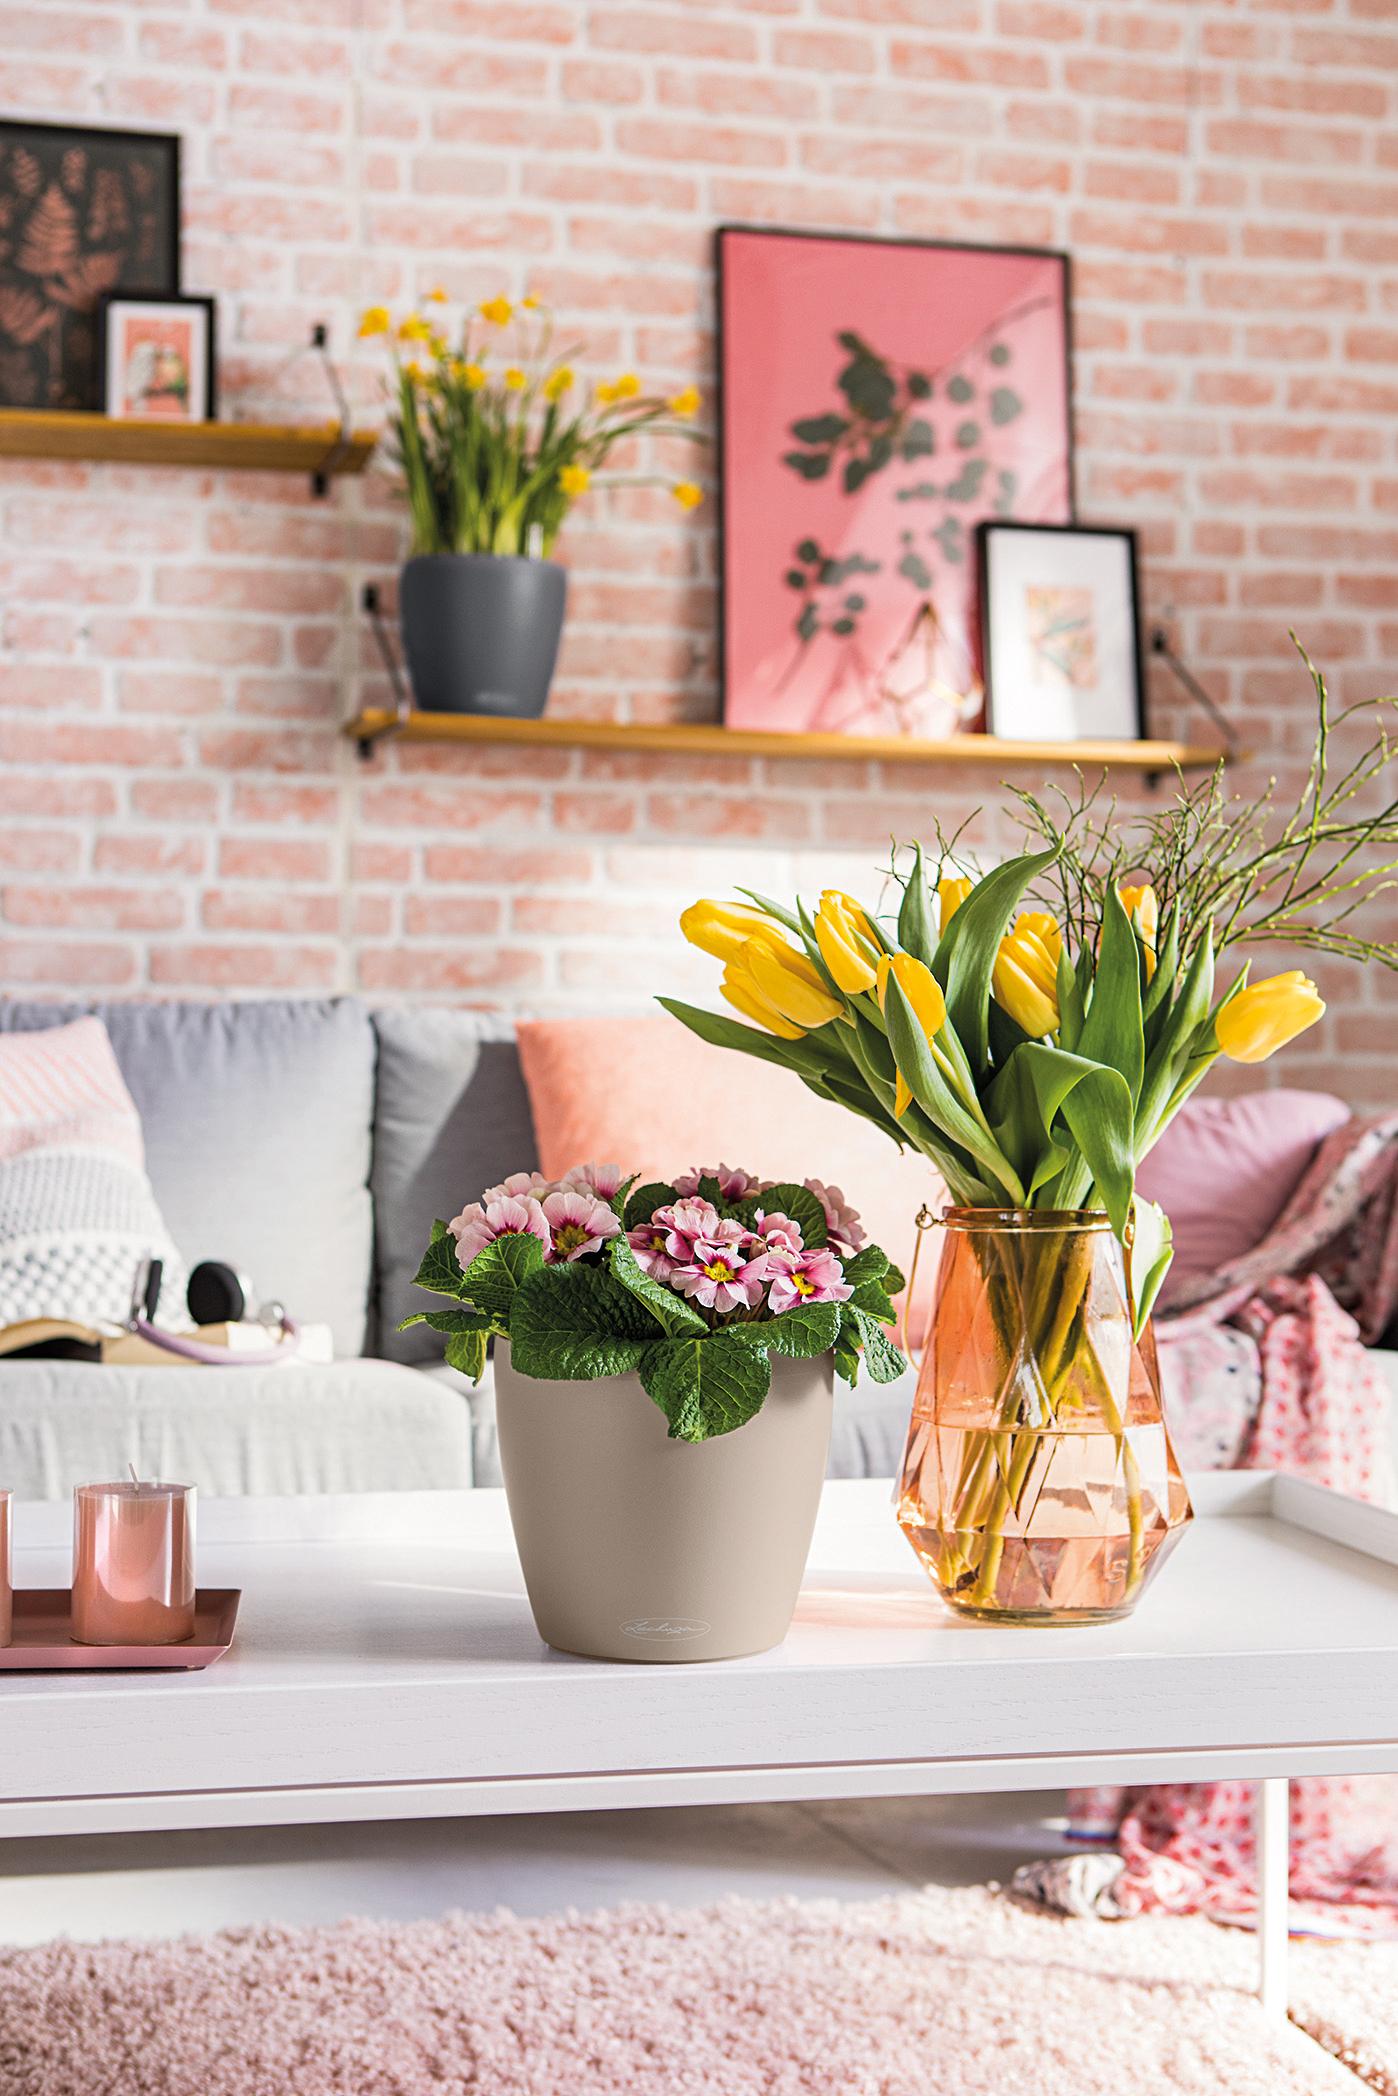 Mit Primeln im CLASSICO Color holst du dir im Handumdrehen den Frühling ins Haus